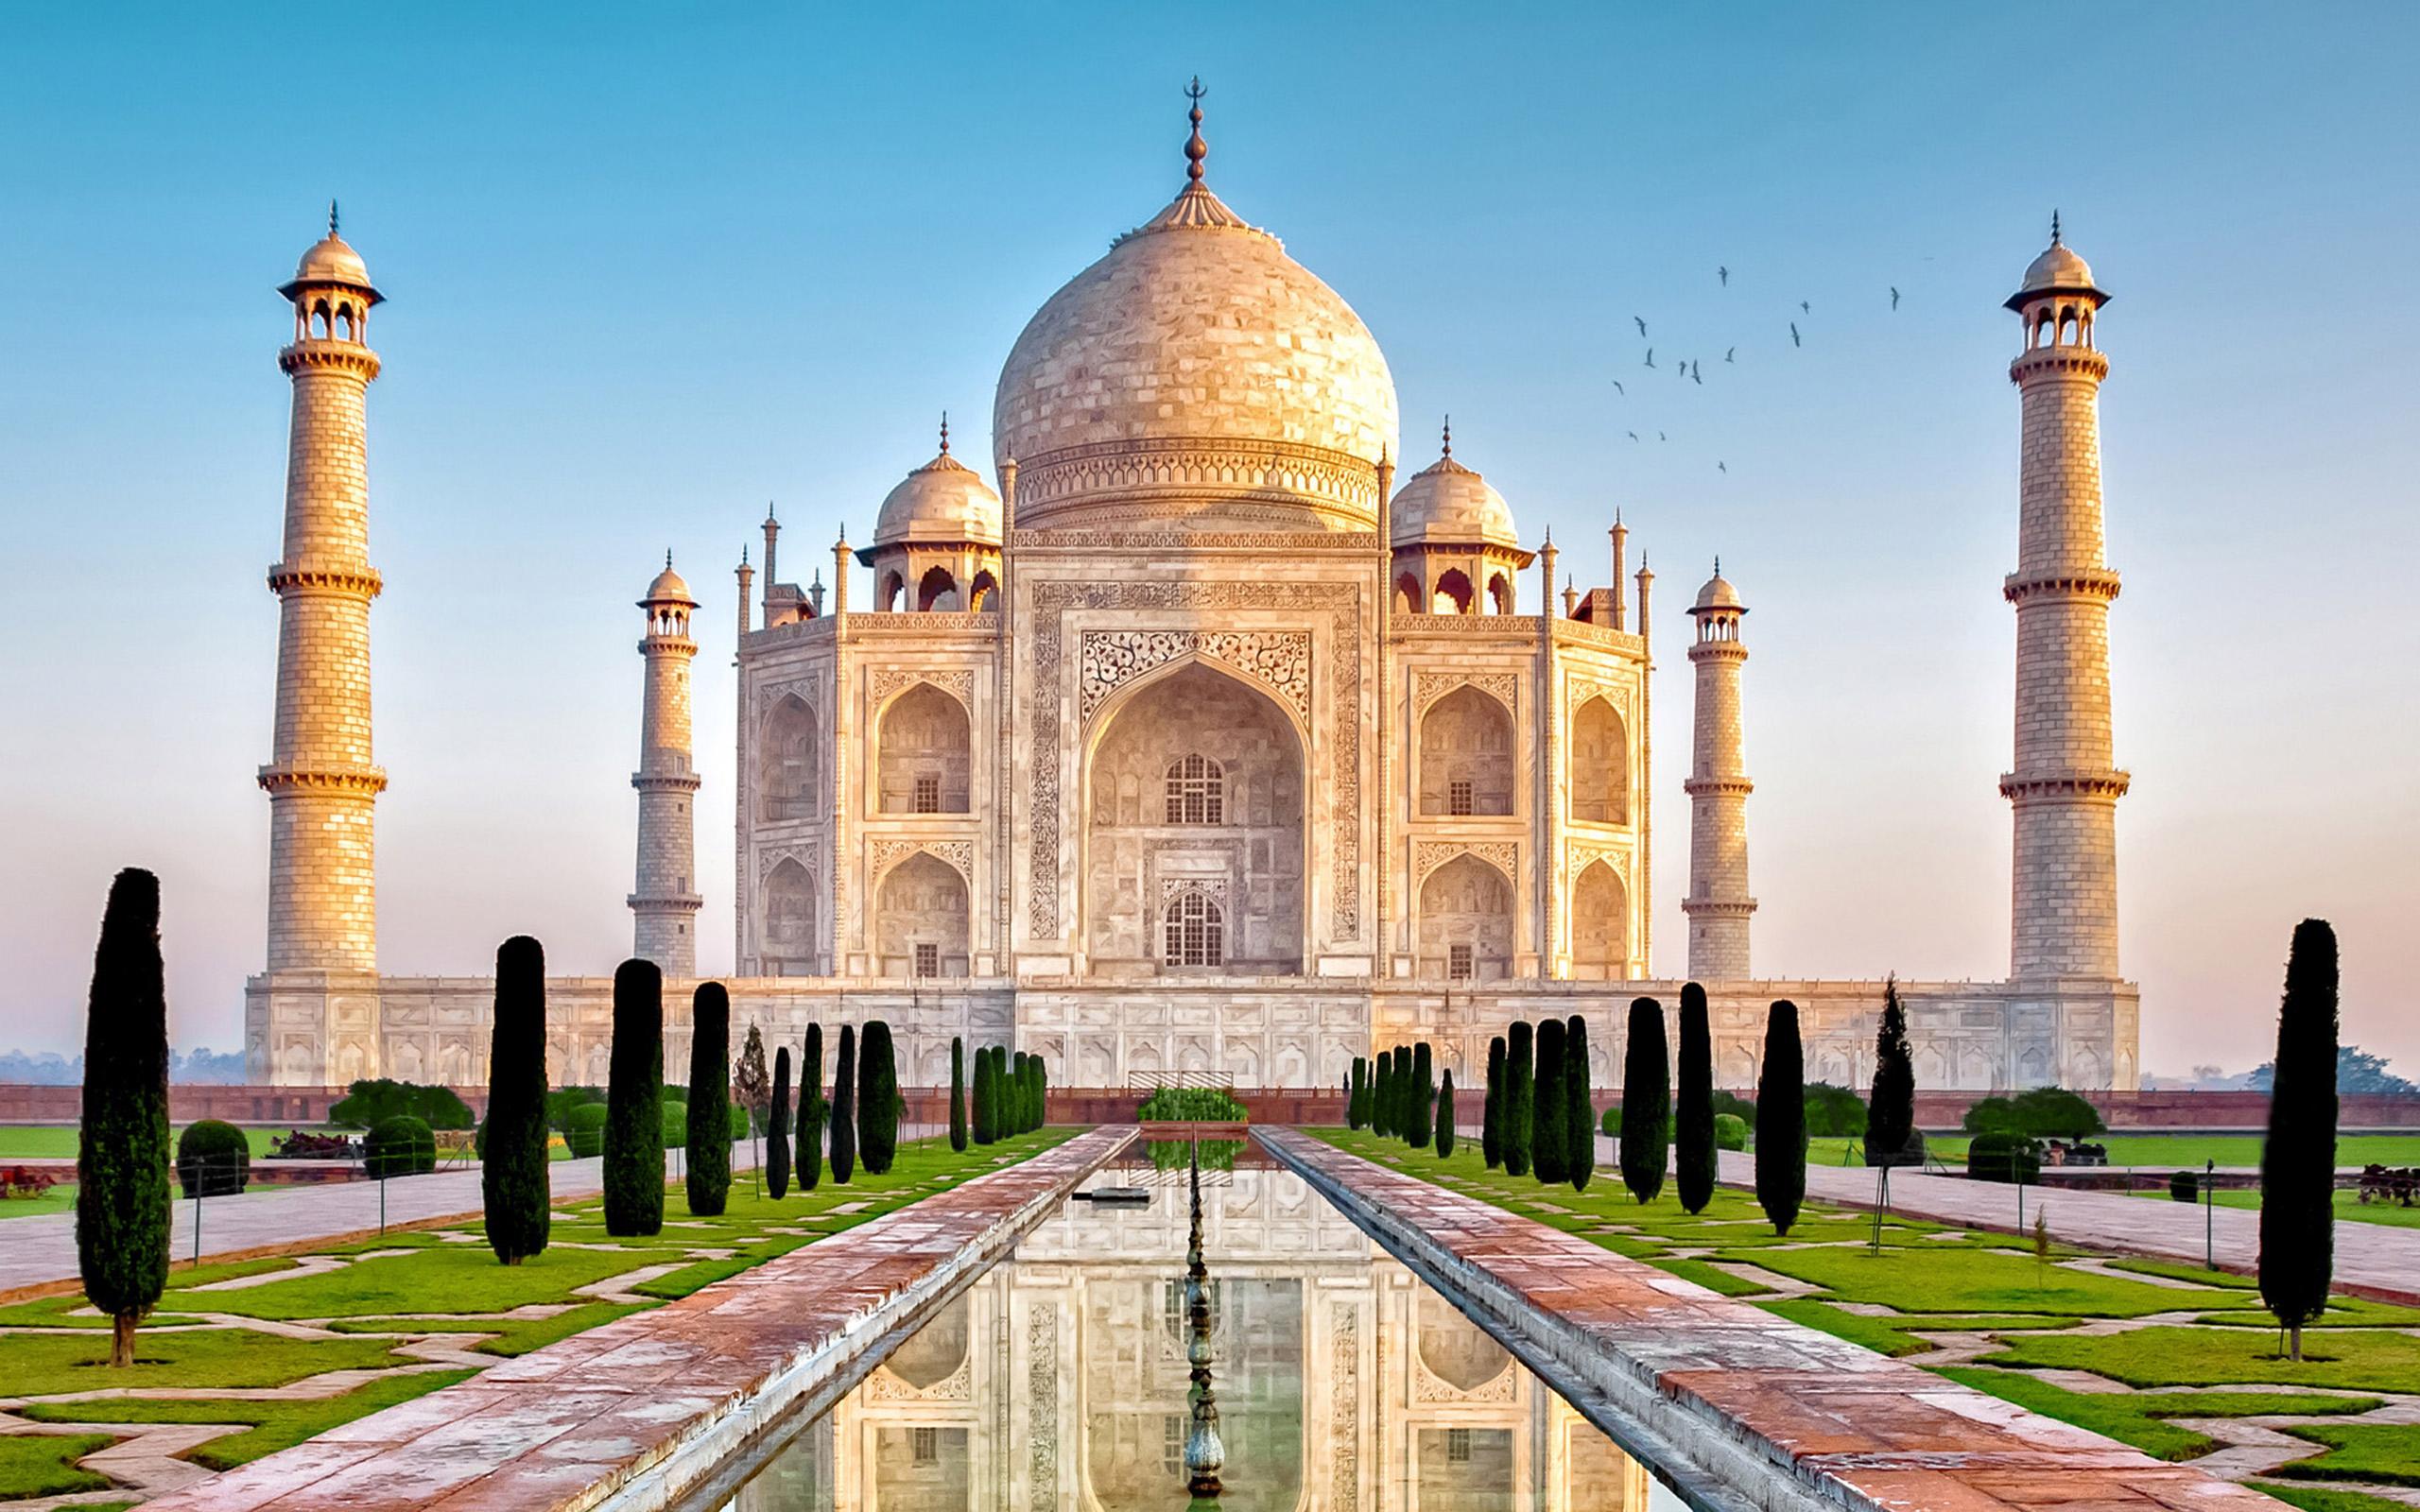 High Resolution Wallpaper | Taj Mahal 2560x1600 px